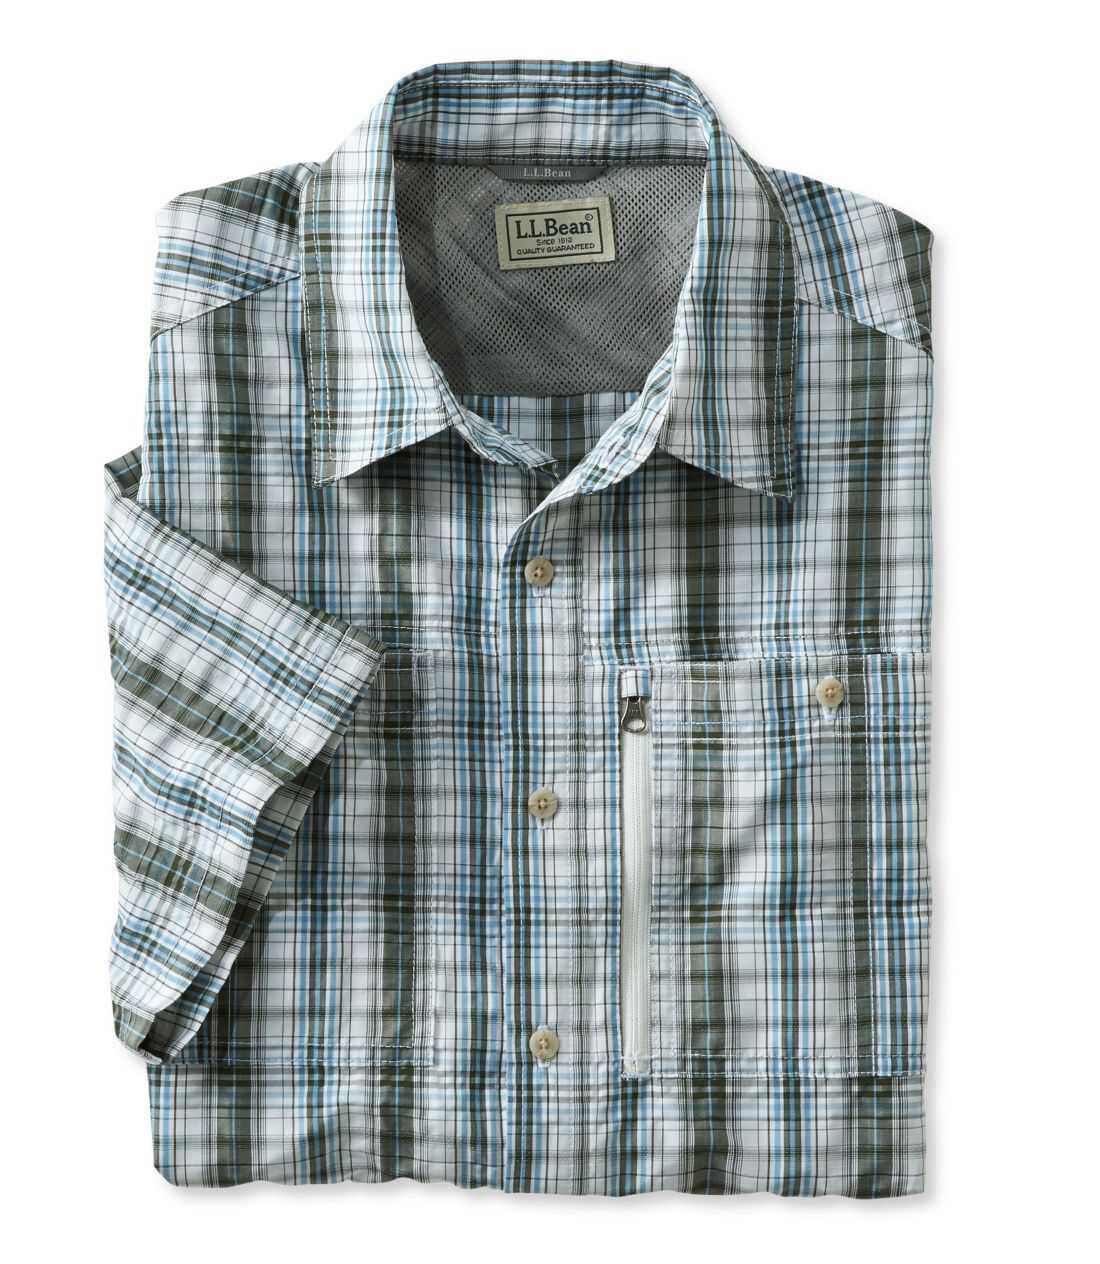 クール・ウィーブ・シャツ、半袖 プラッド